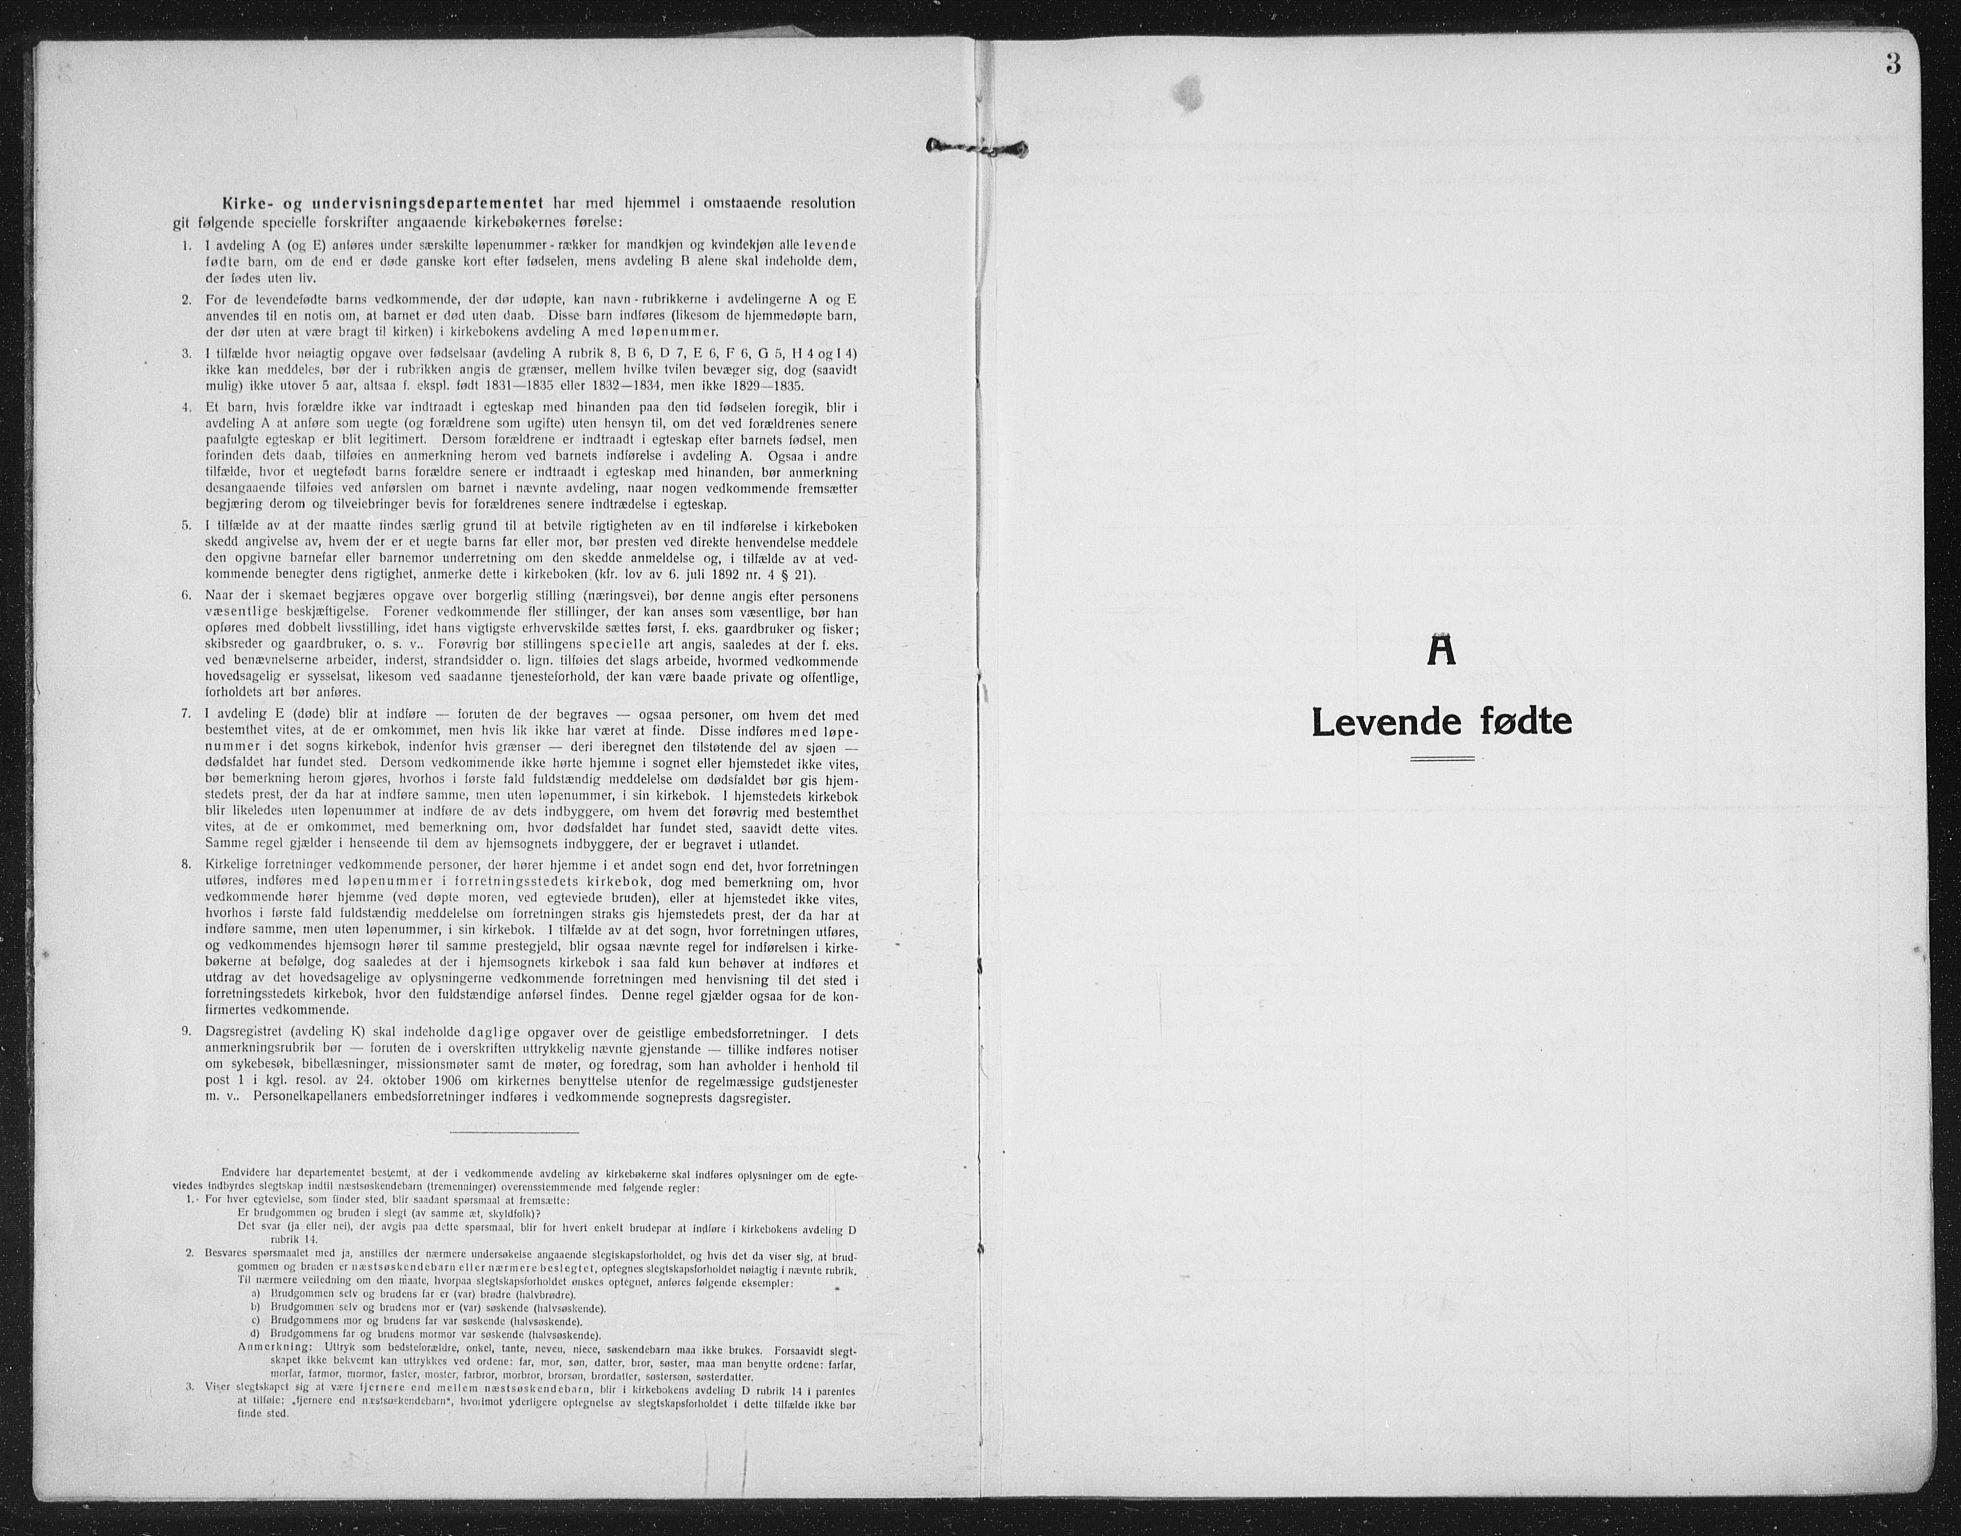 SAT, Ministerialprotokoller, klokkerbøker og fødselsregistre - Nord-Trøndelag, 709/L0083: Ministerialbok nr. 709A23, 1916-1928, s. 3